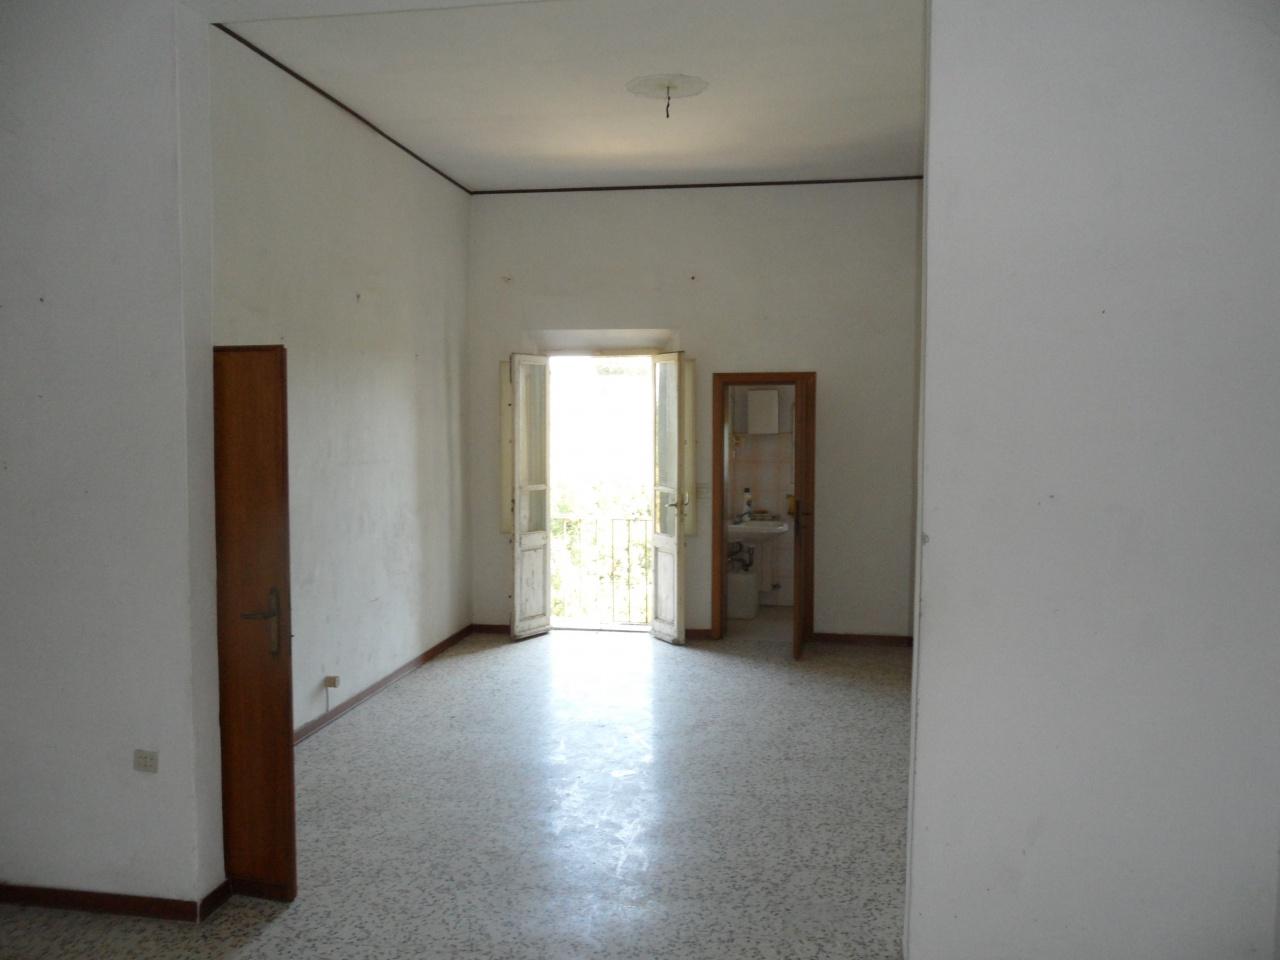 Palazzo / Stabile in vendita a San Miniato, 10 locali, Trattative riservate | CambioCasa.it